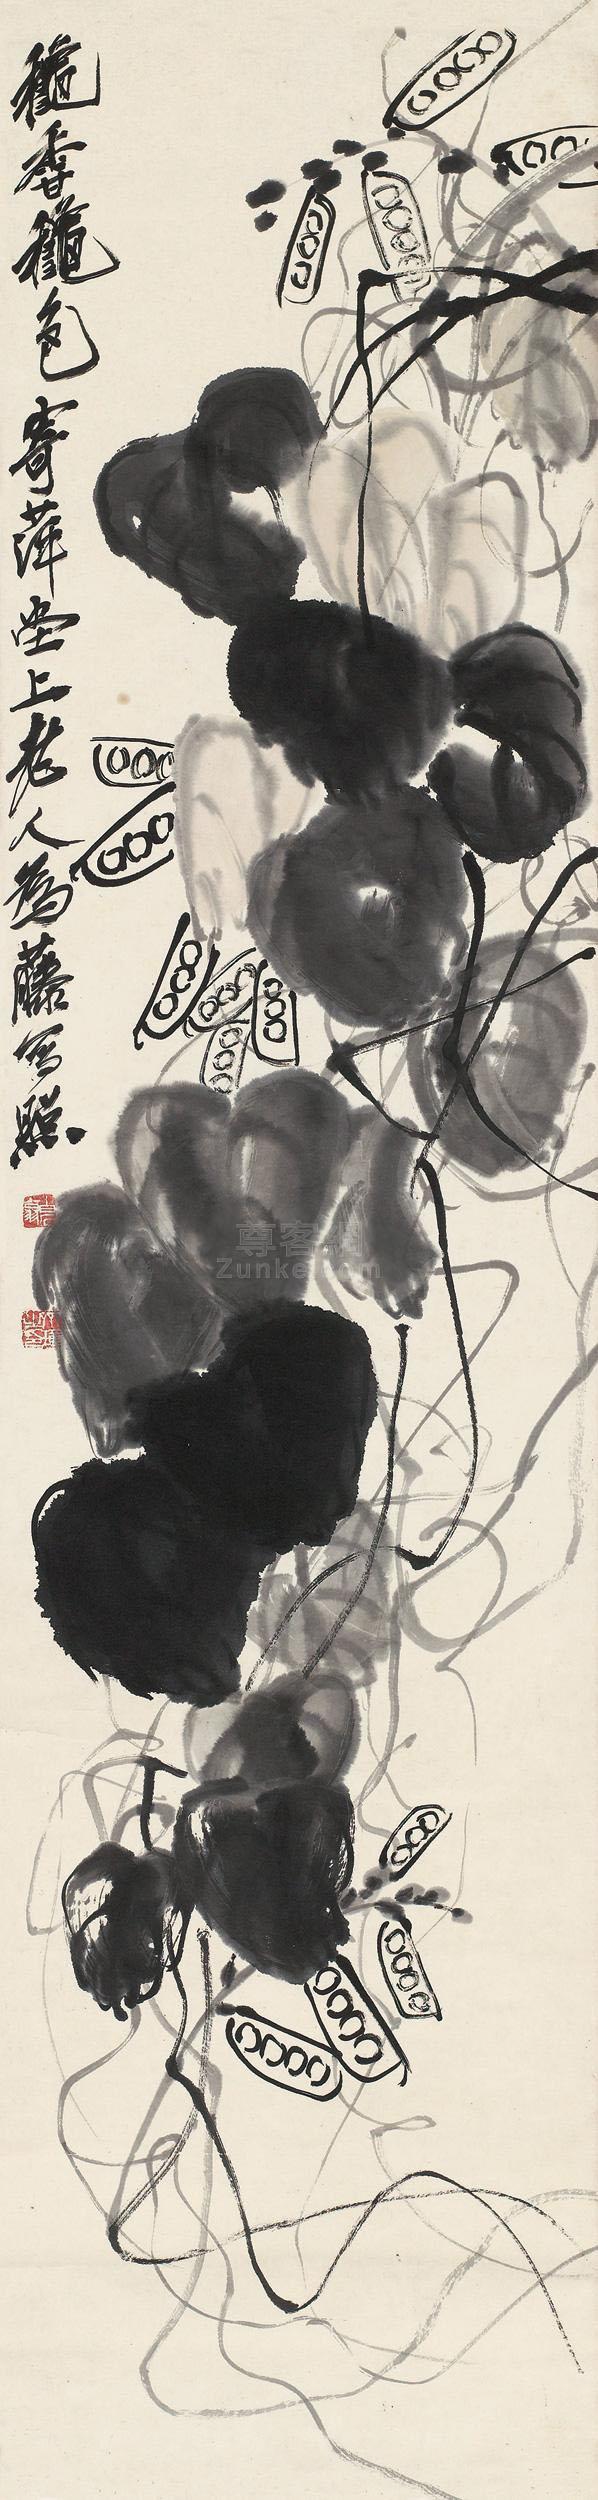 齐白石 秋香秋色图 立轴 水墨纸本作品欣赏